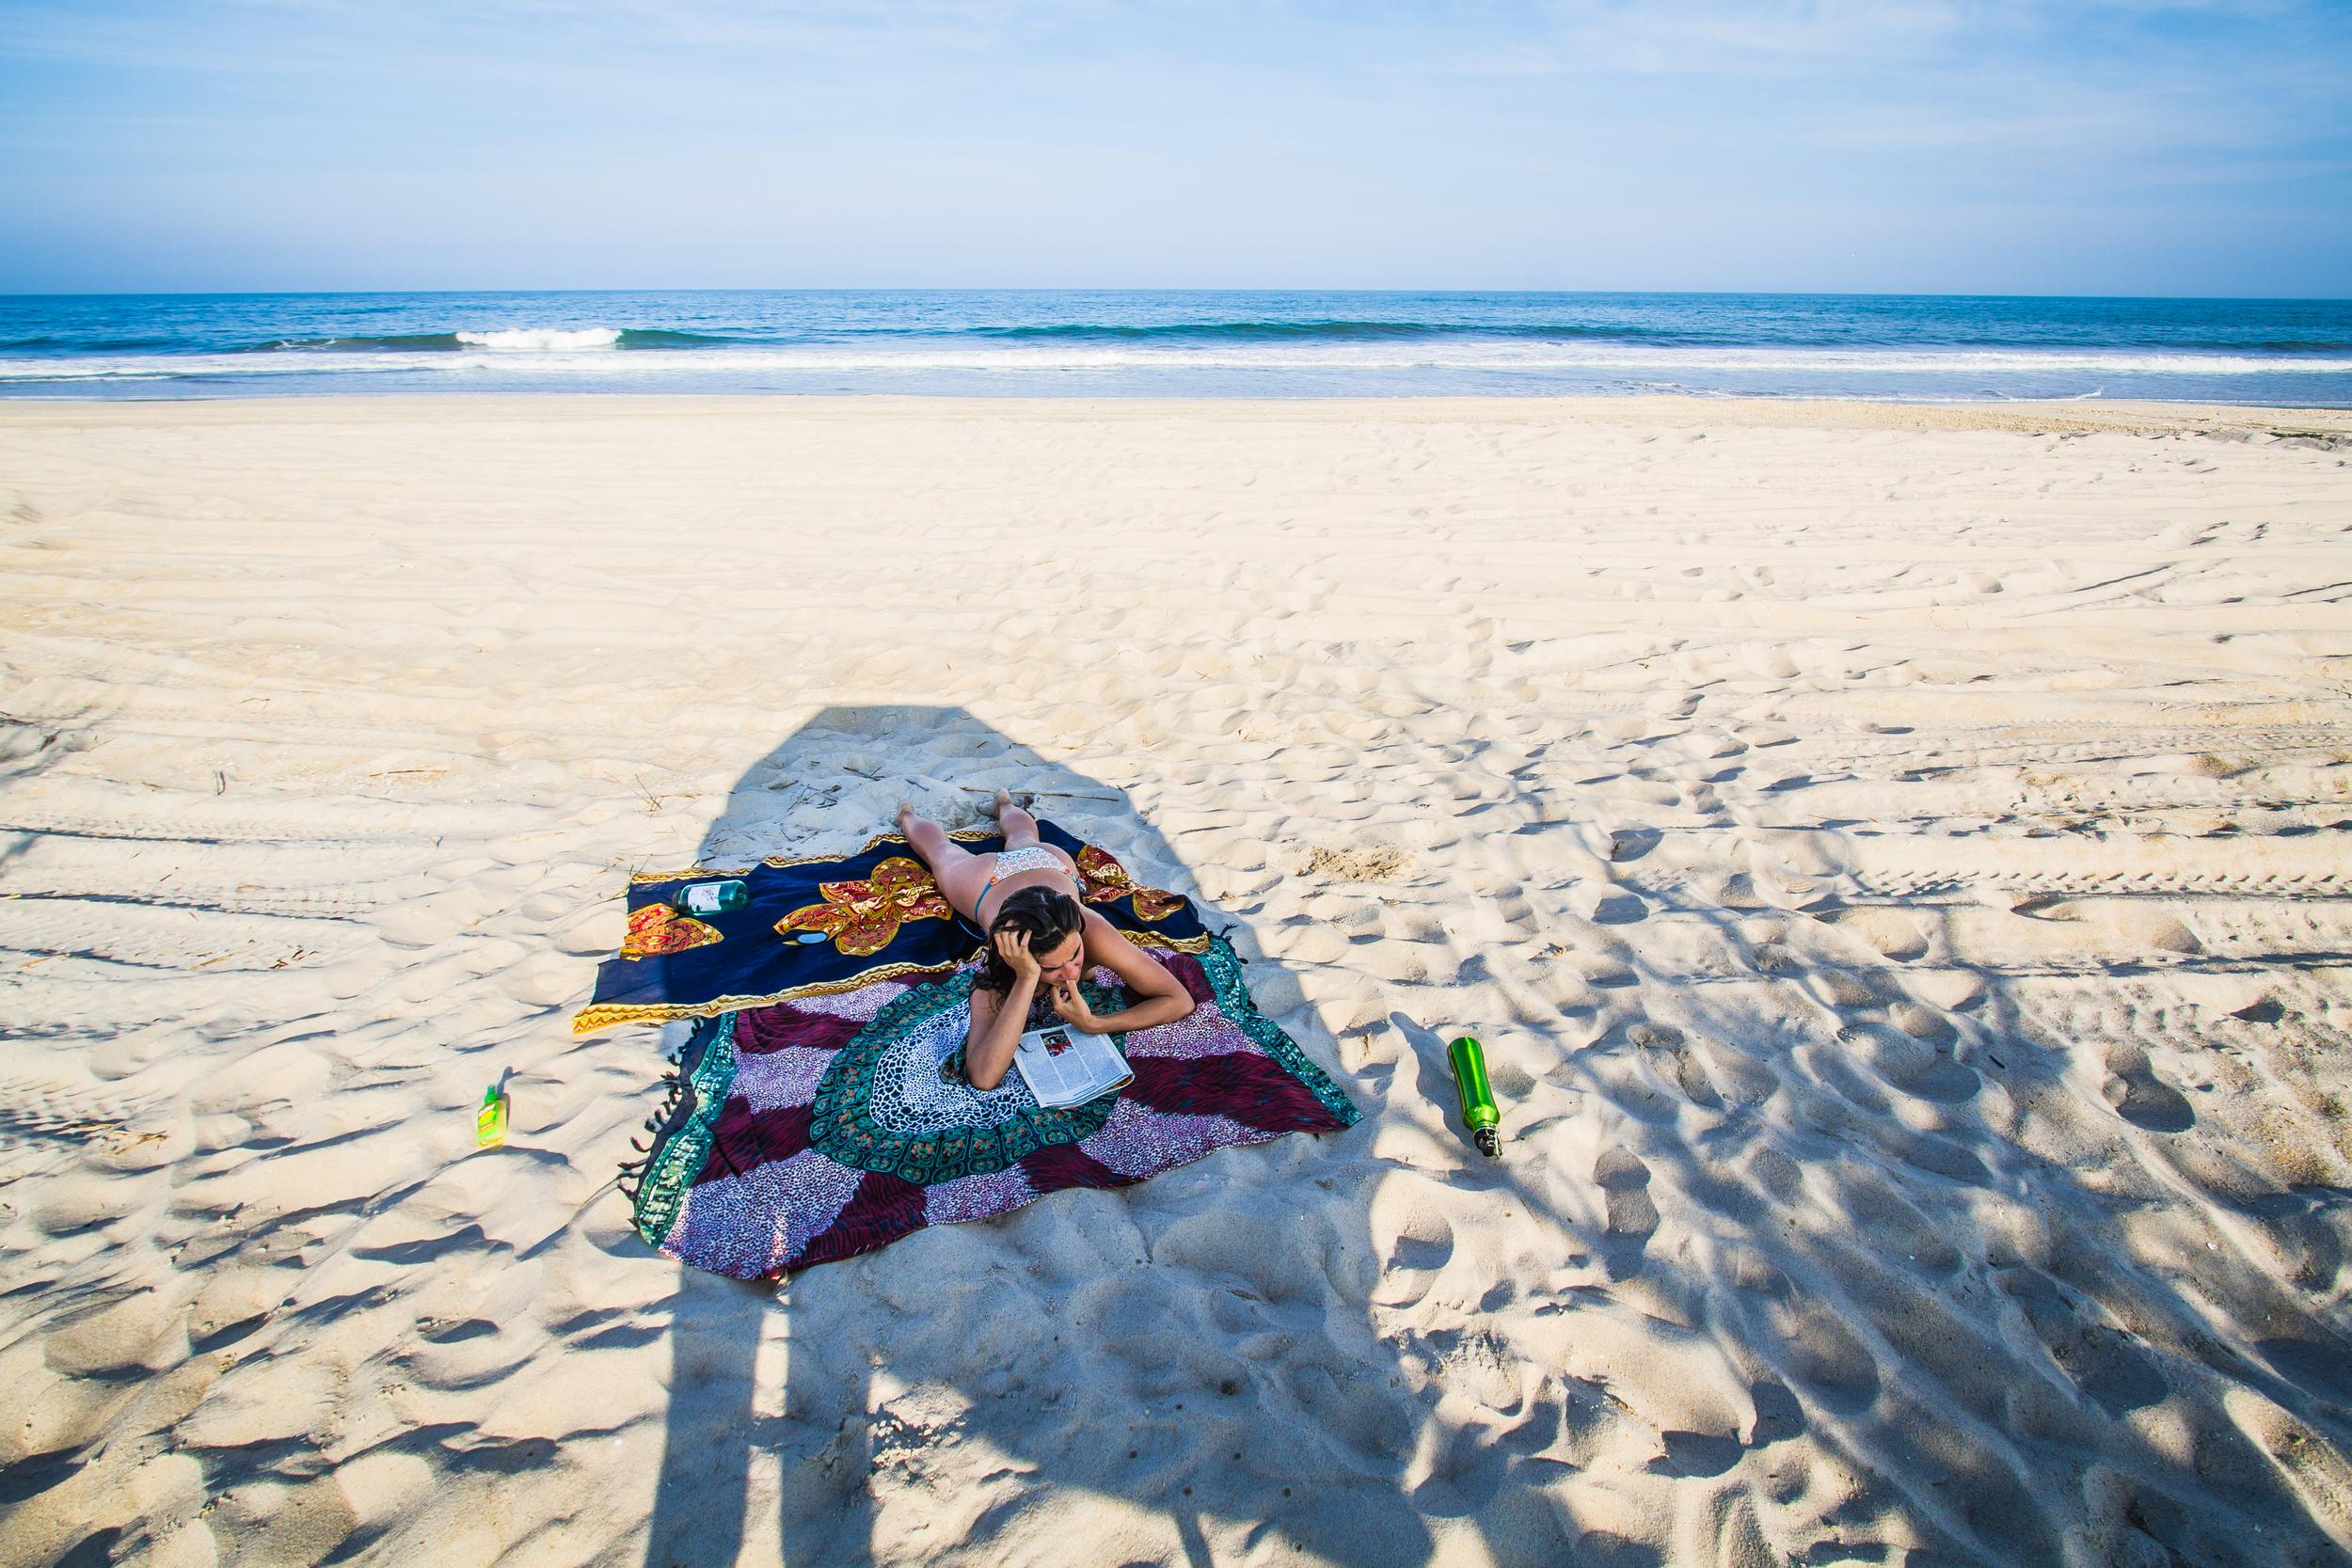 Reading at Chincoteague beach